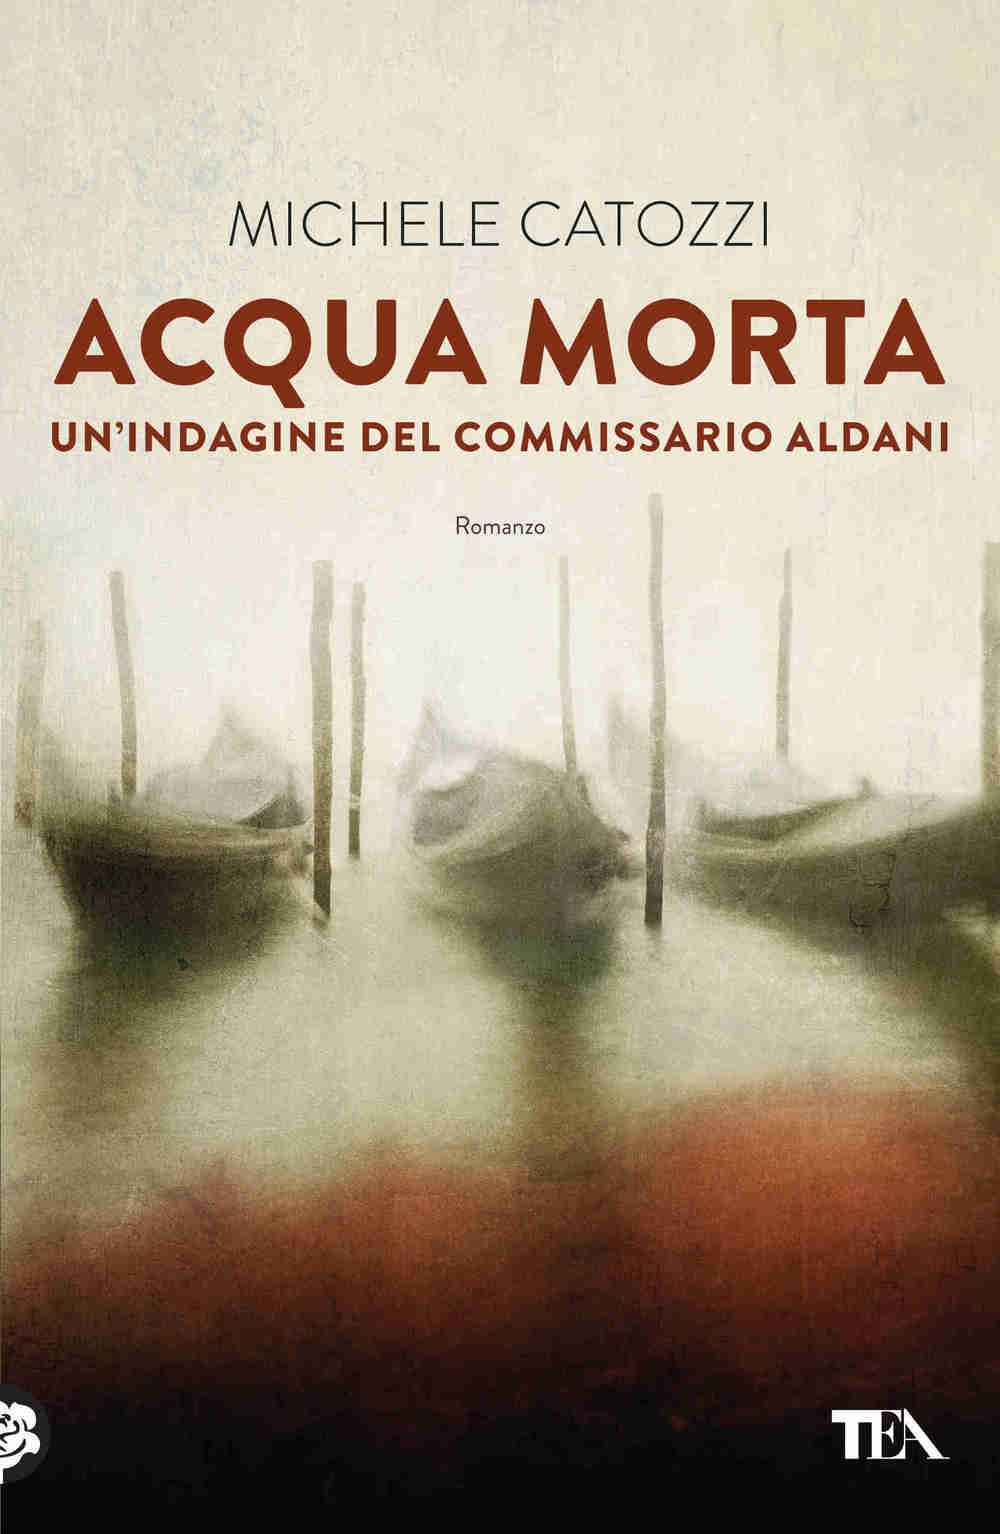 Acqua morta_Sovra.indd